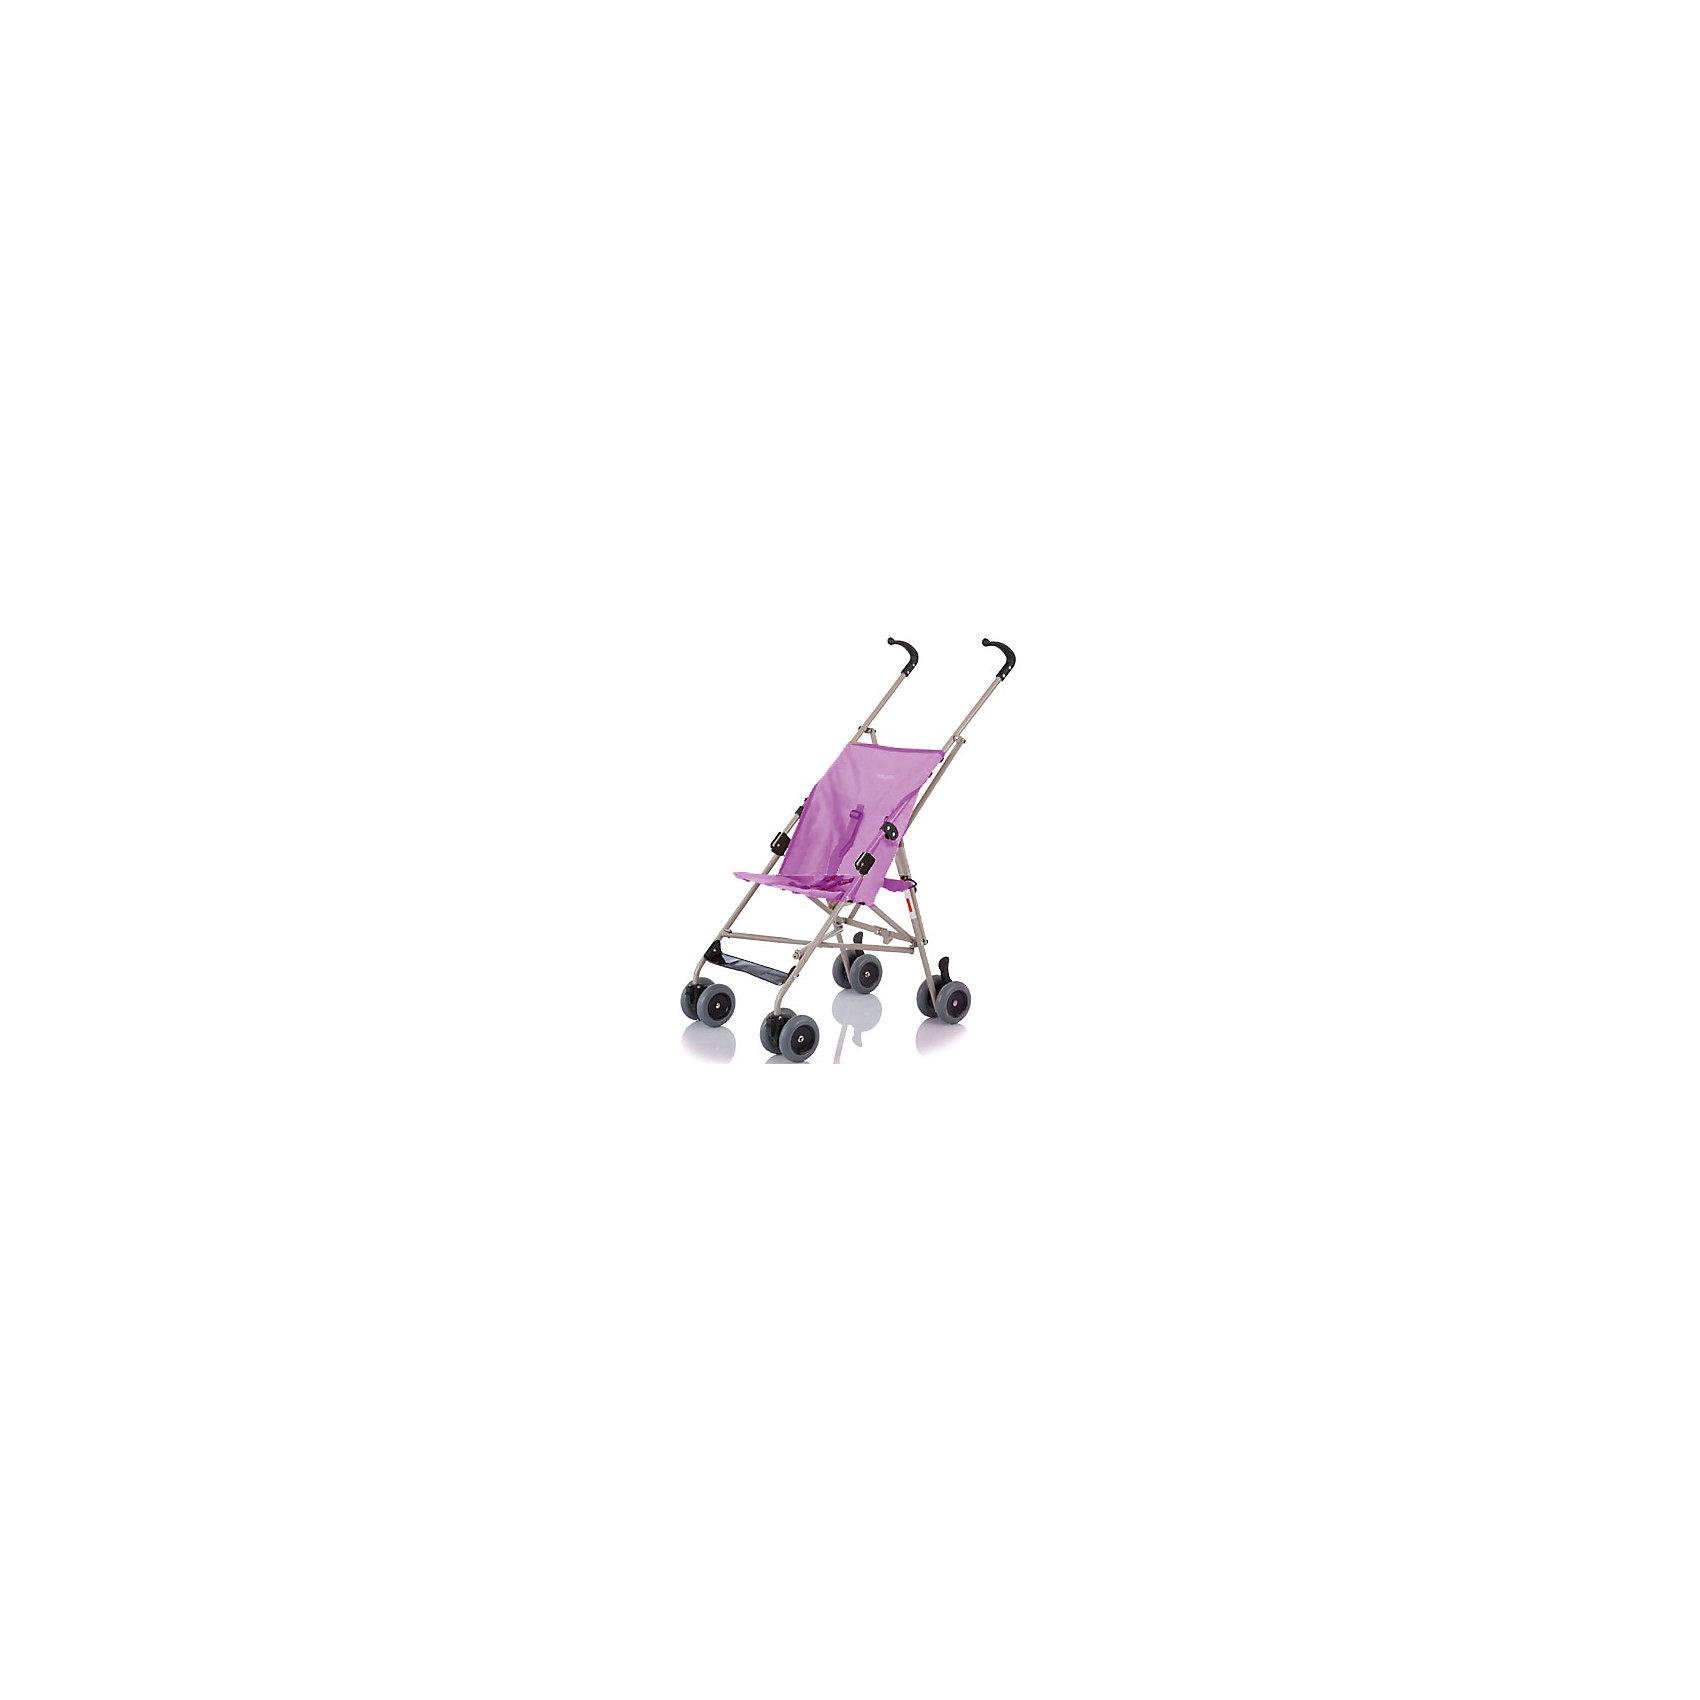 Коляска-трость Buggy B01, Baby Care, фиолетовый